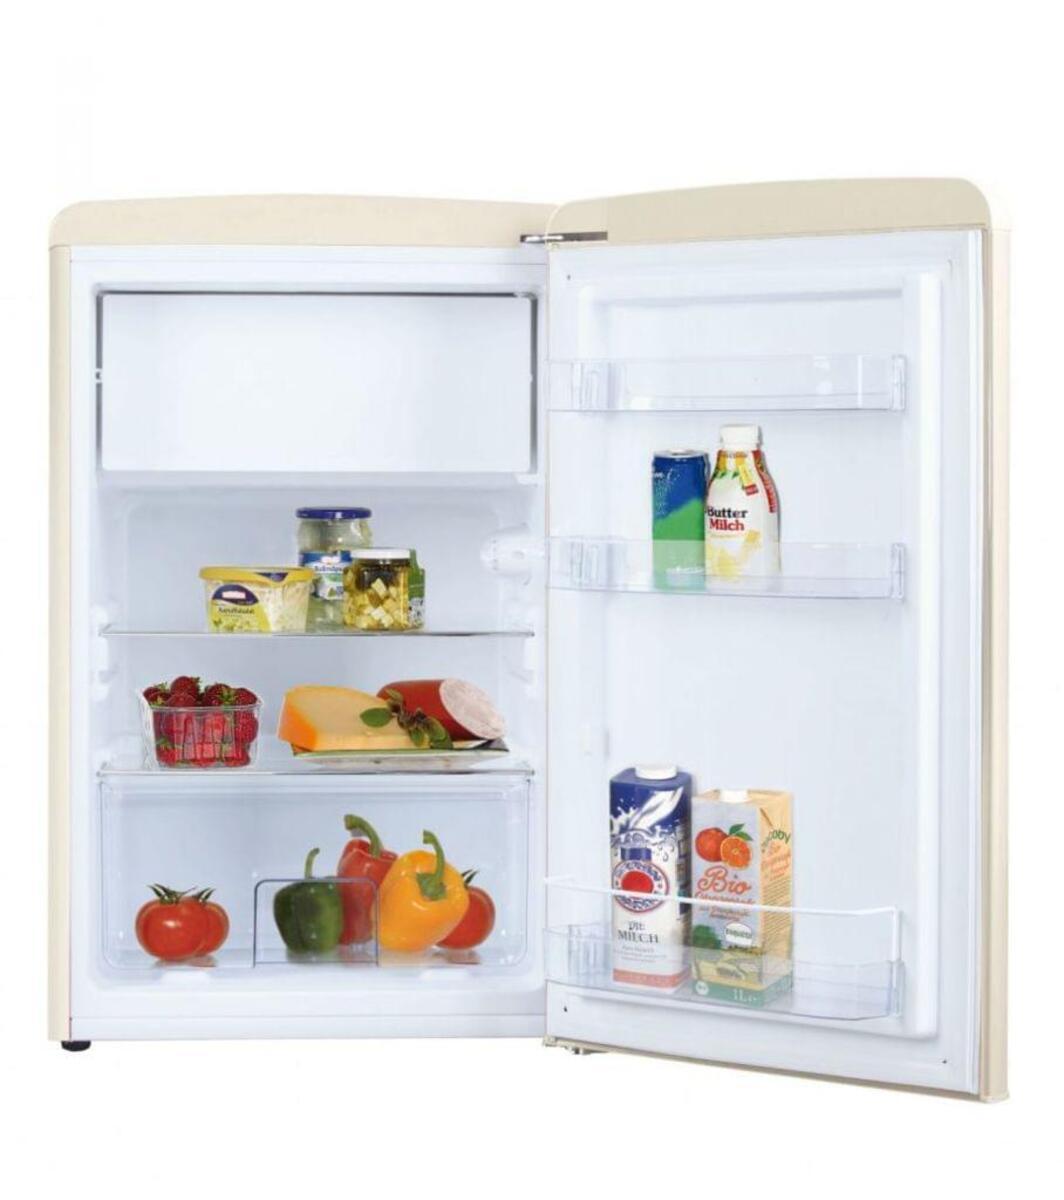 Bild 2 von Amica KS 15615 B, Kühlschrank mit Gefrierfach im Retro Design, 85 cm Höhe, coffee cream,